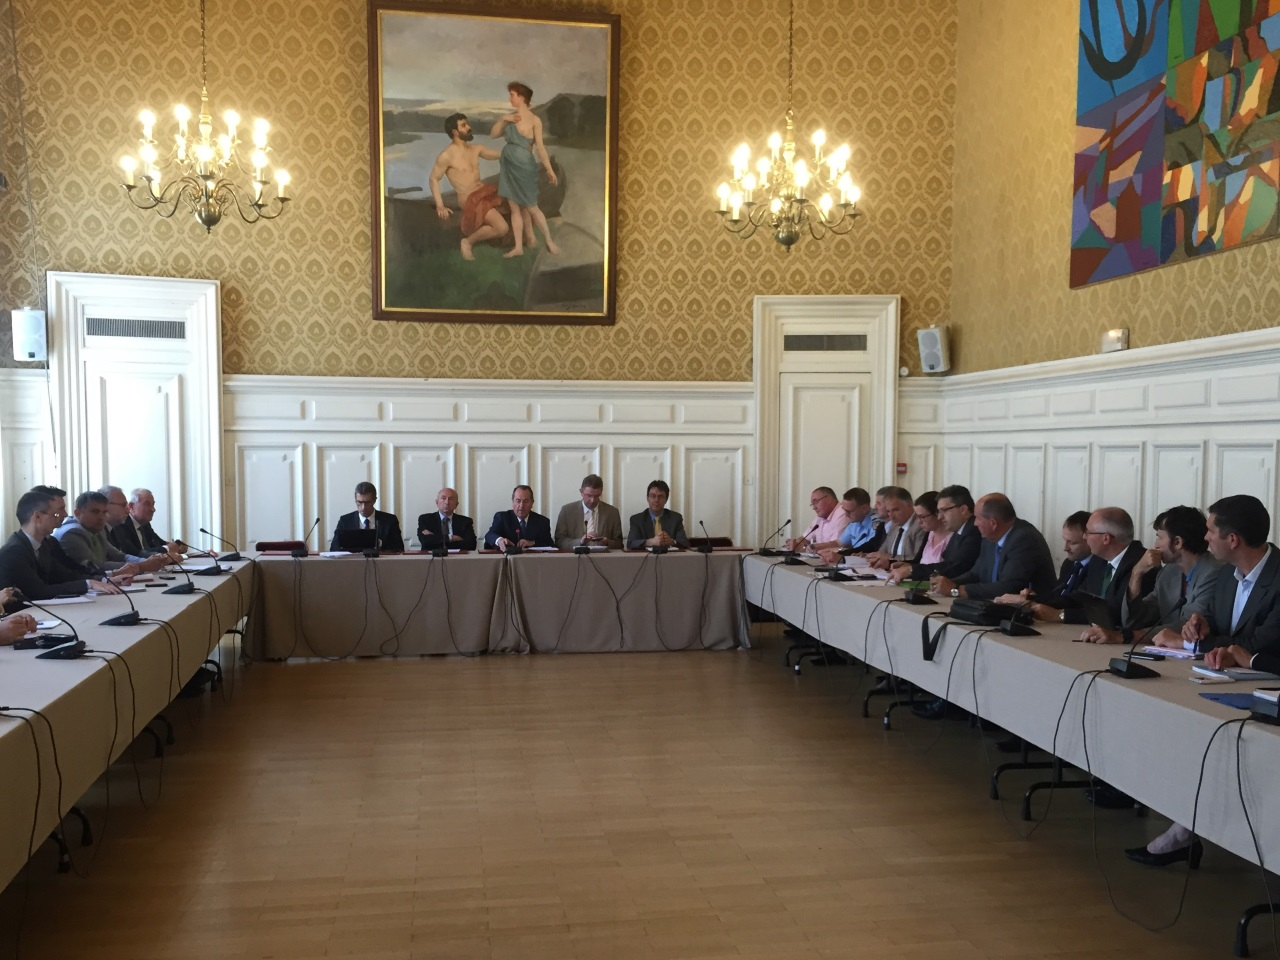 Une réunion était organisée à la préfecture du Rhône au lendemain de l'attentat de Nice - Lyonmag.com